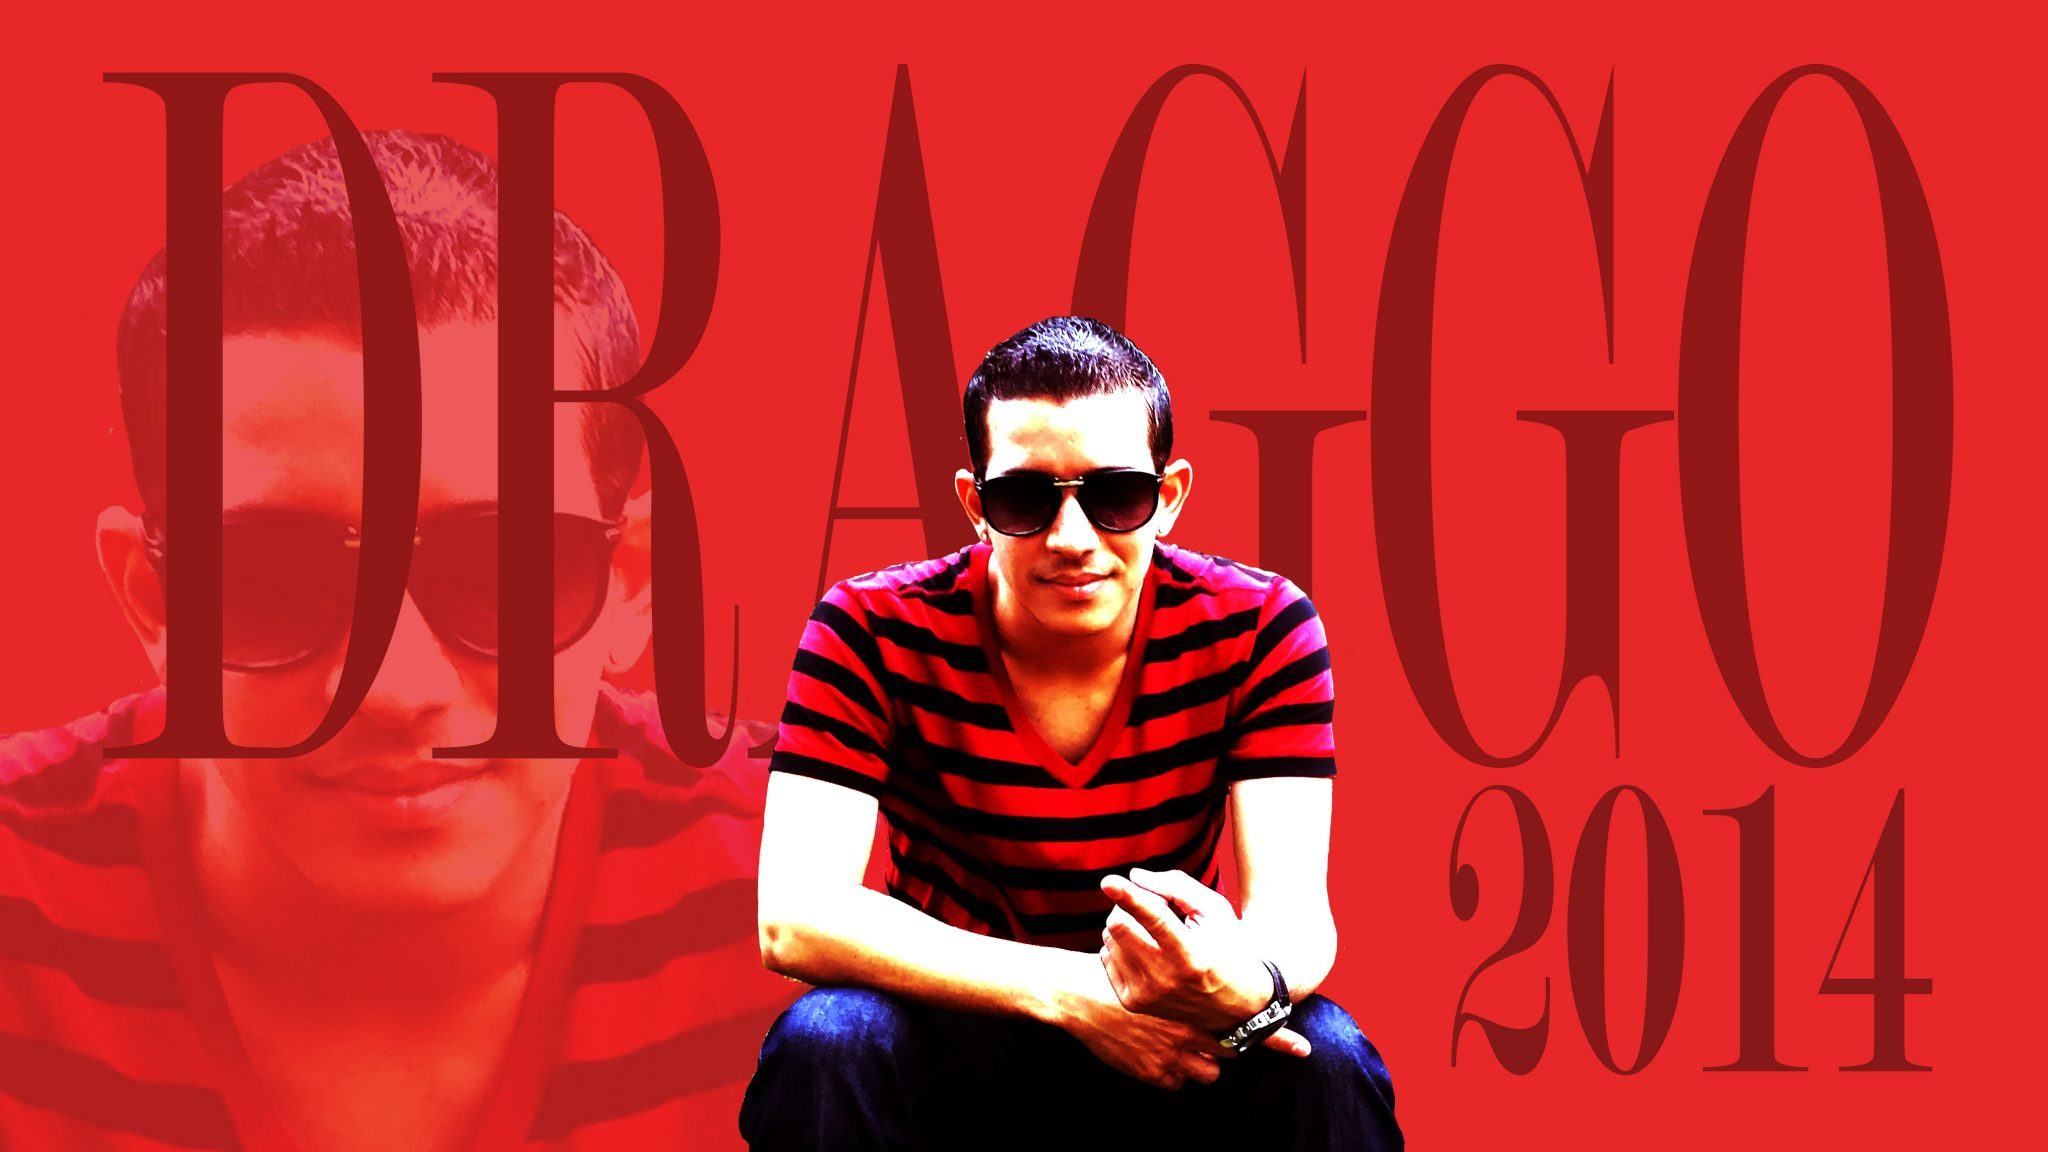 Draggo – Comenzando activo el 2014